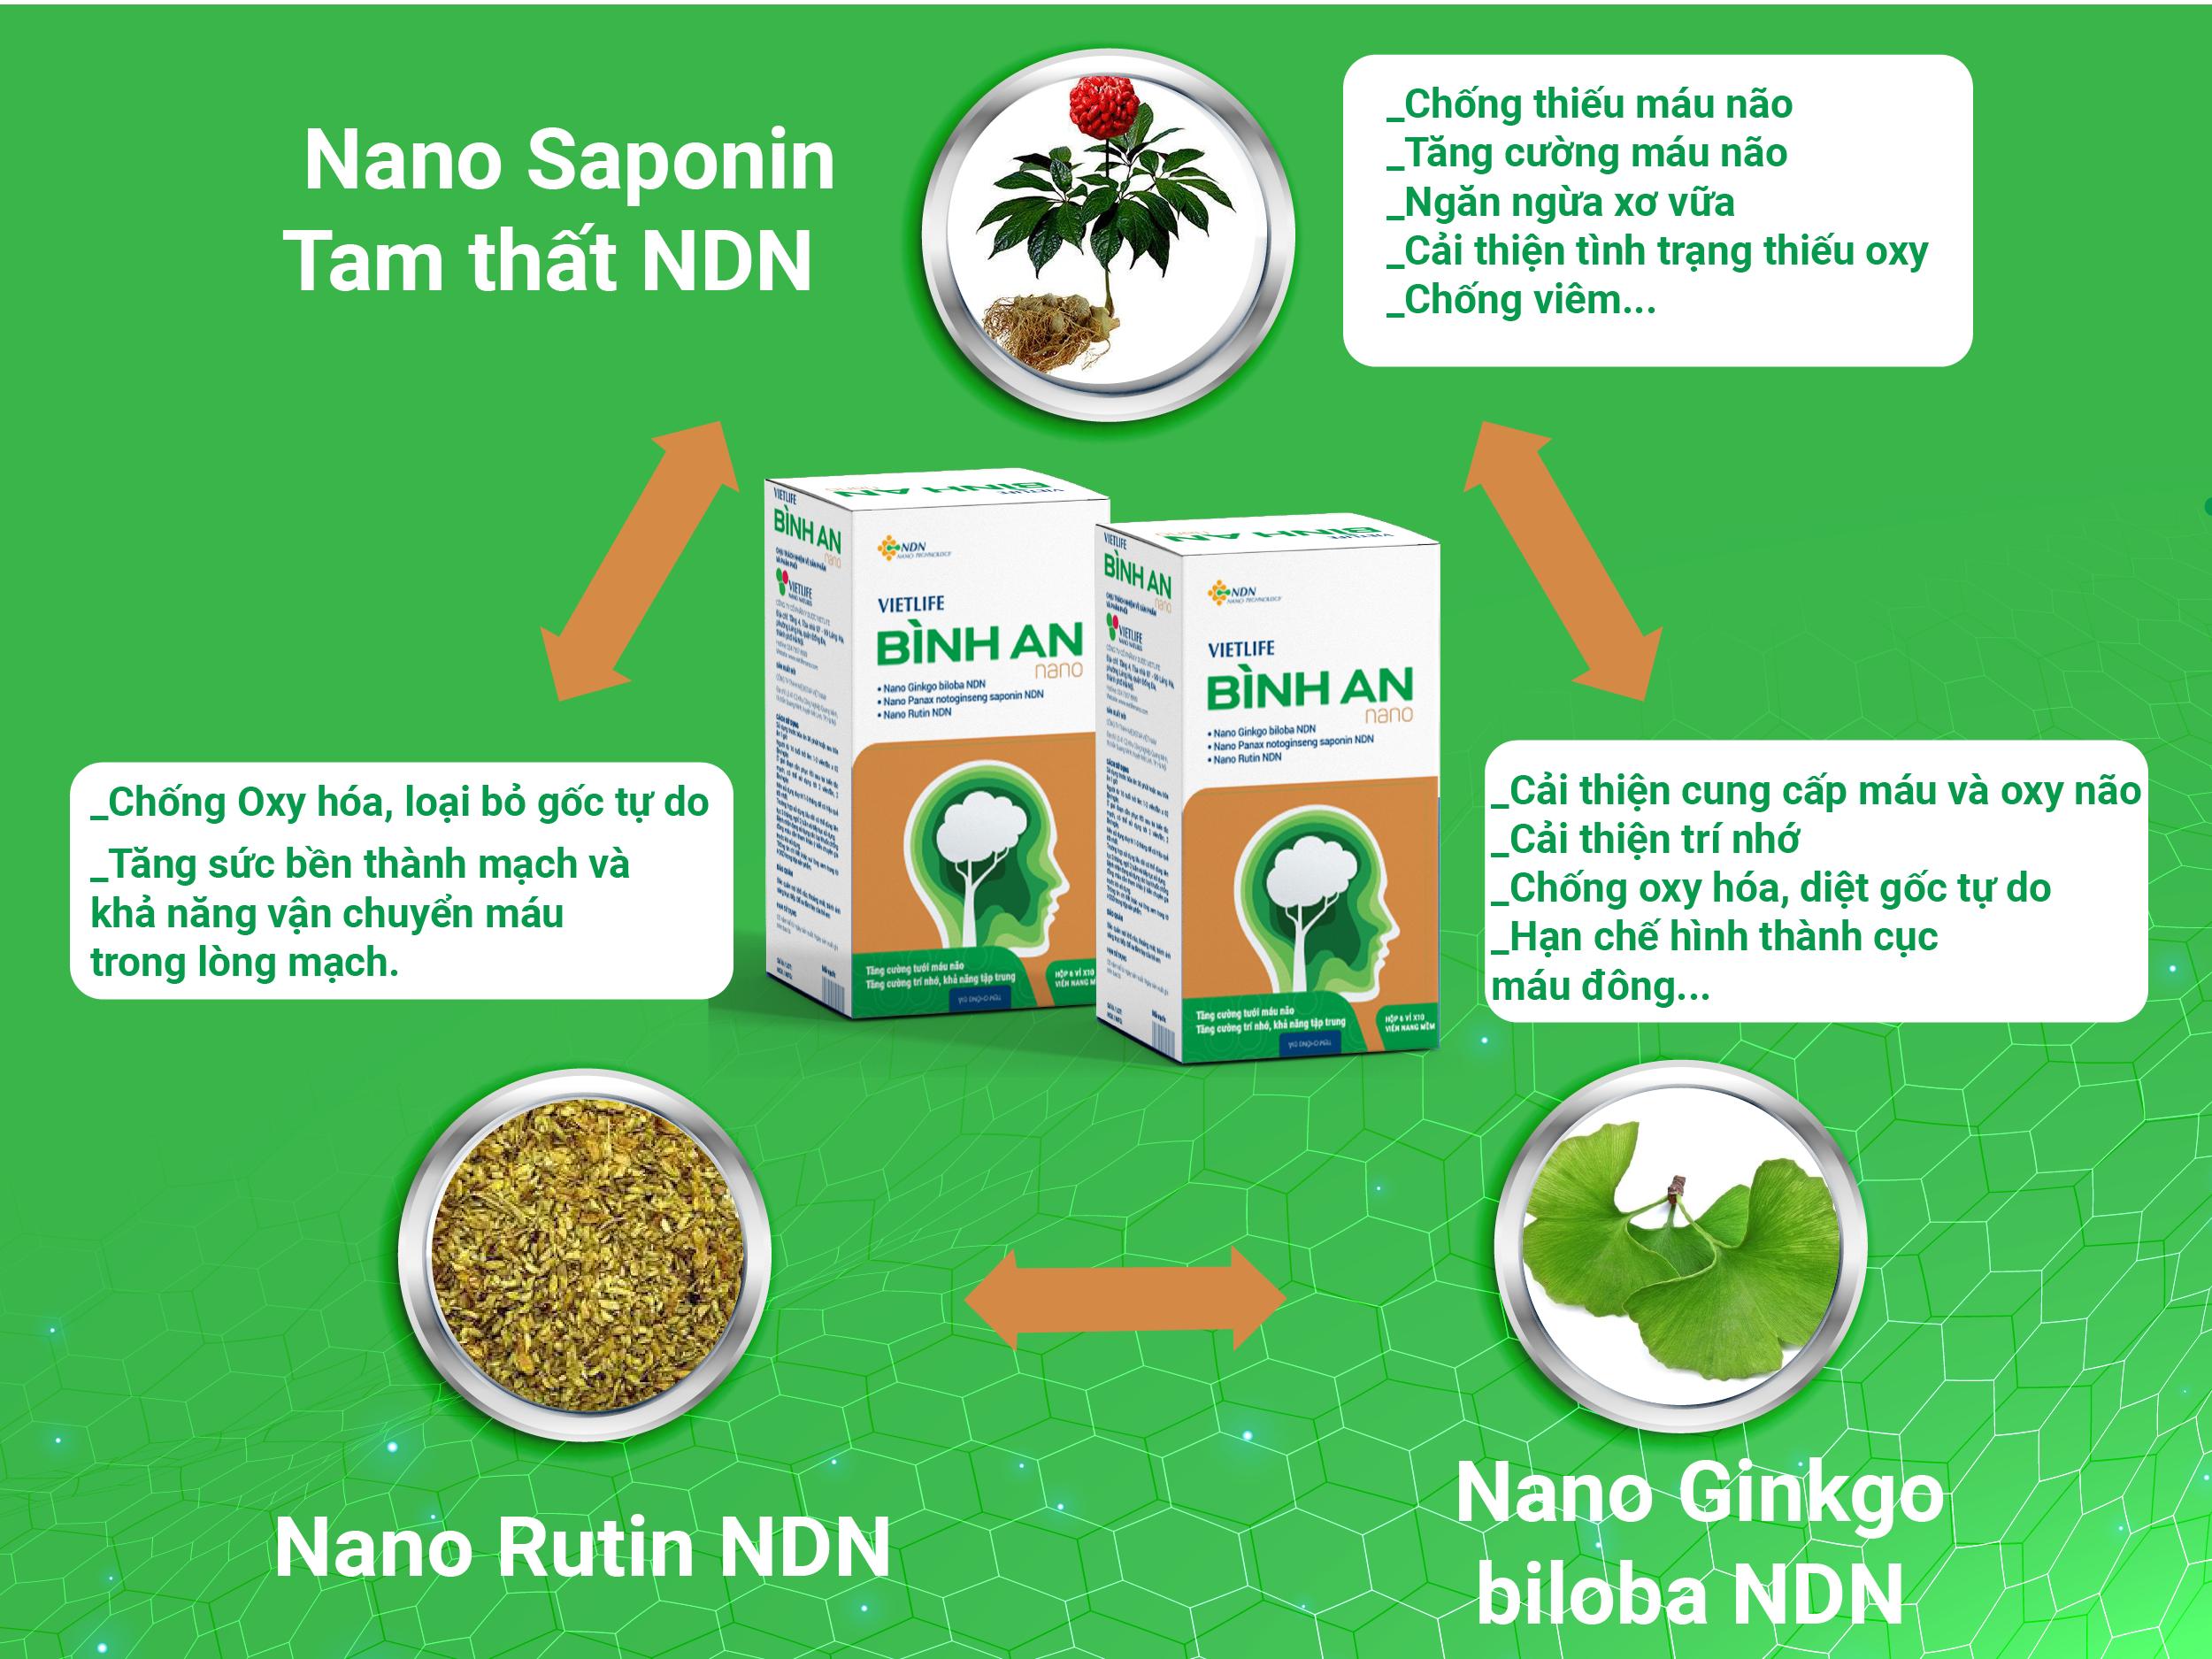 Hết rối loạn tiền đình, say tàu xe nhờ sức mạnh của phức hệ nano dược liệu 1